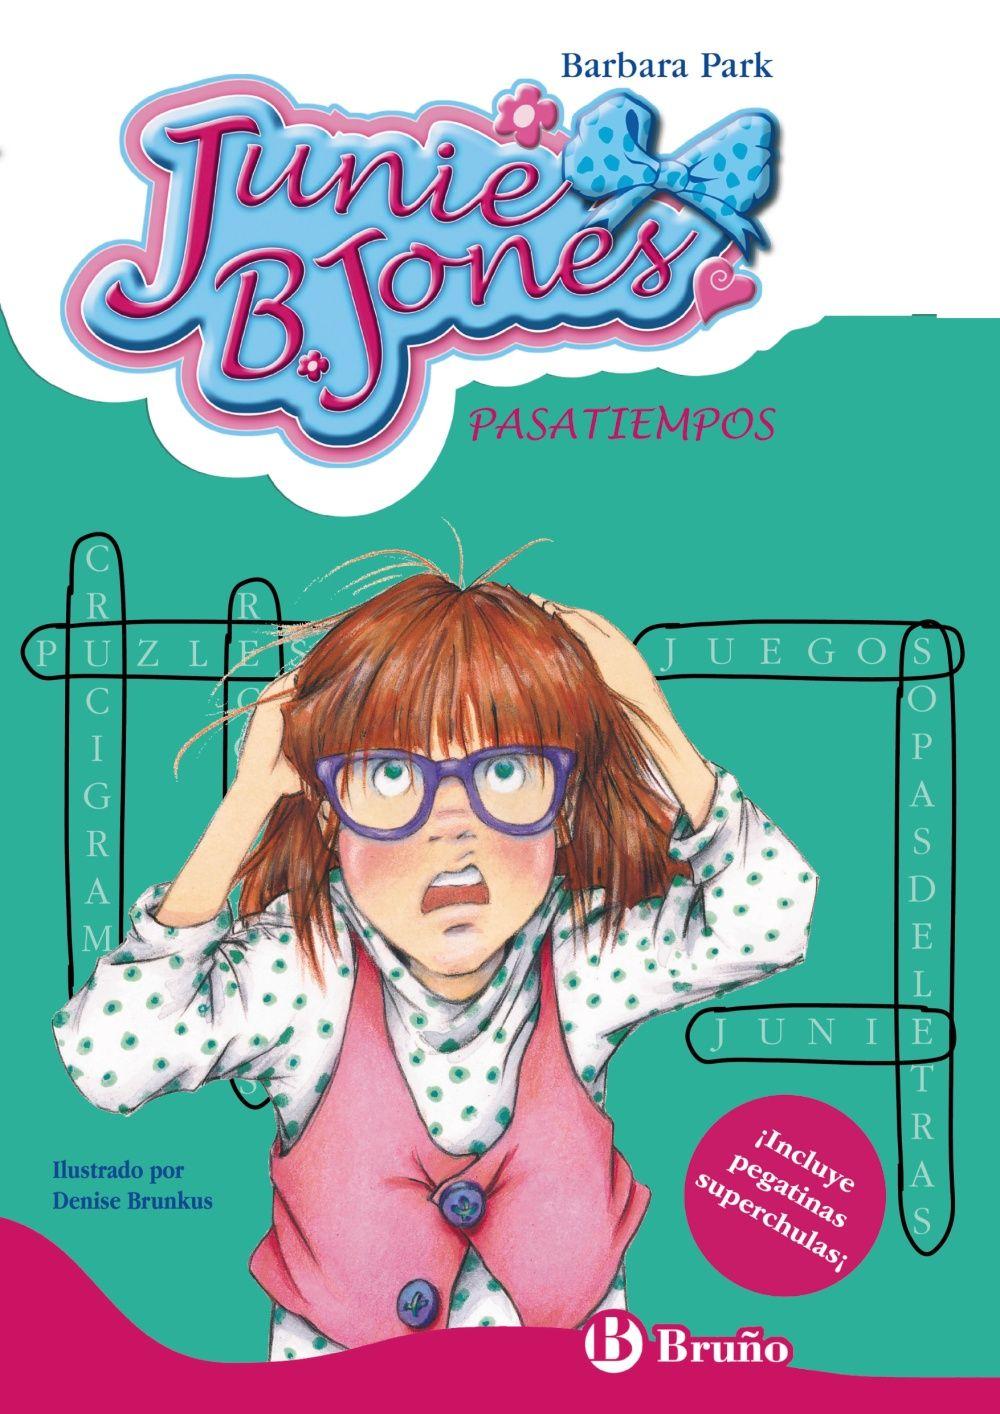 Junie B Jones Pasatiempos Barbara Park Juegos De Unir Sopa De Letras Laberintos